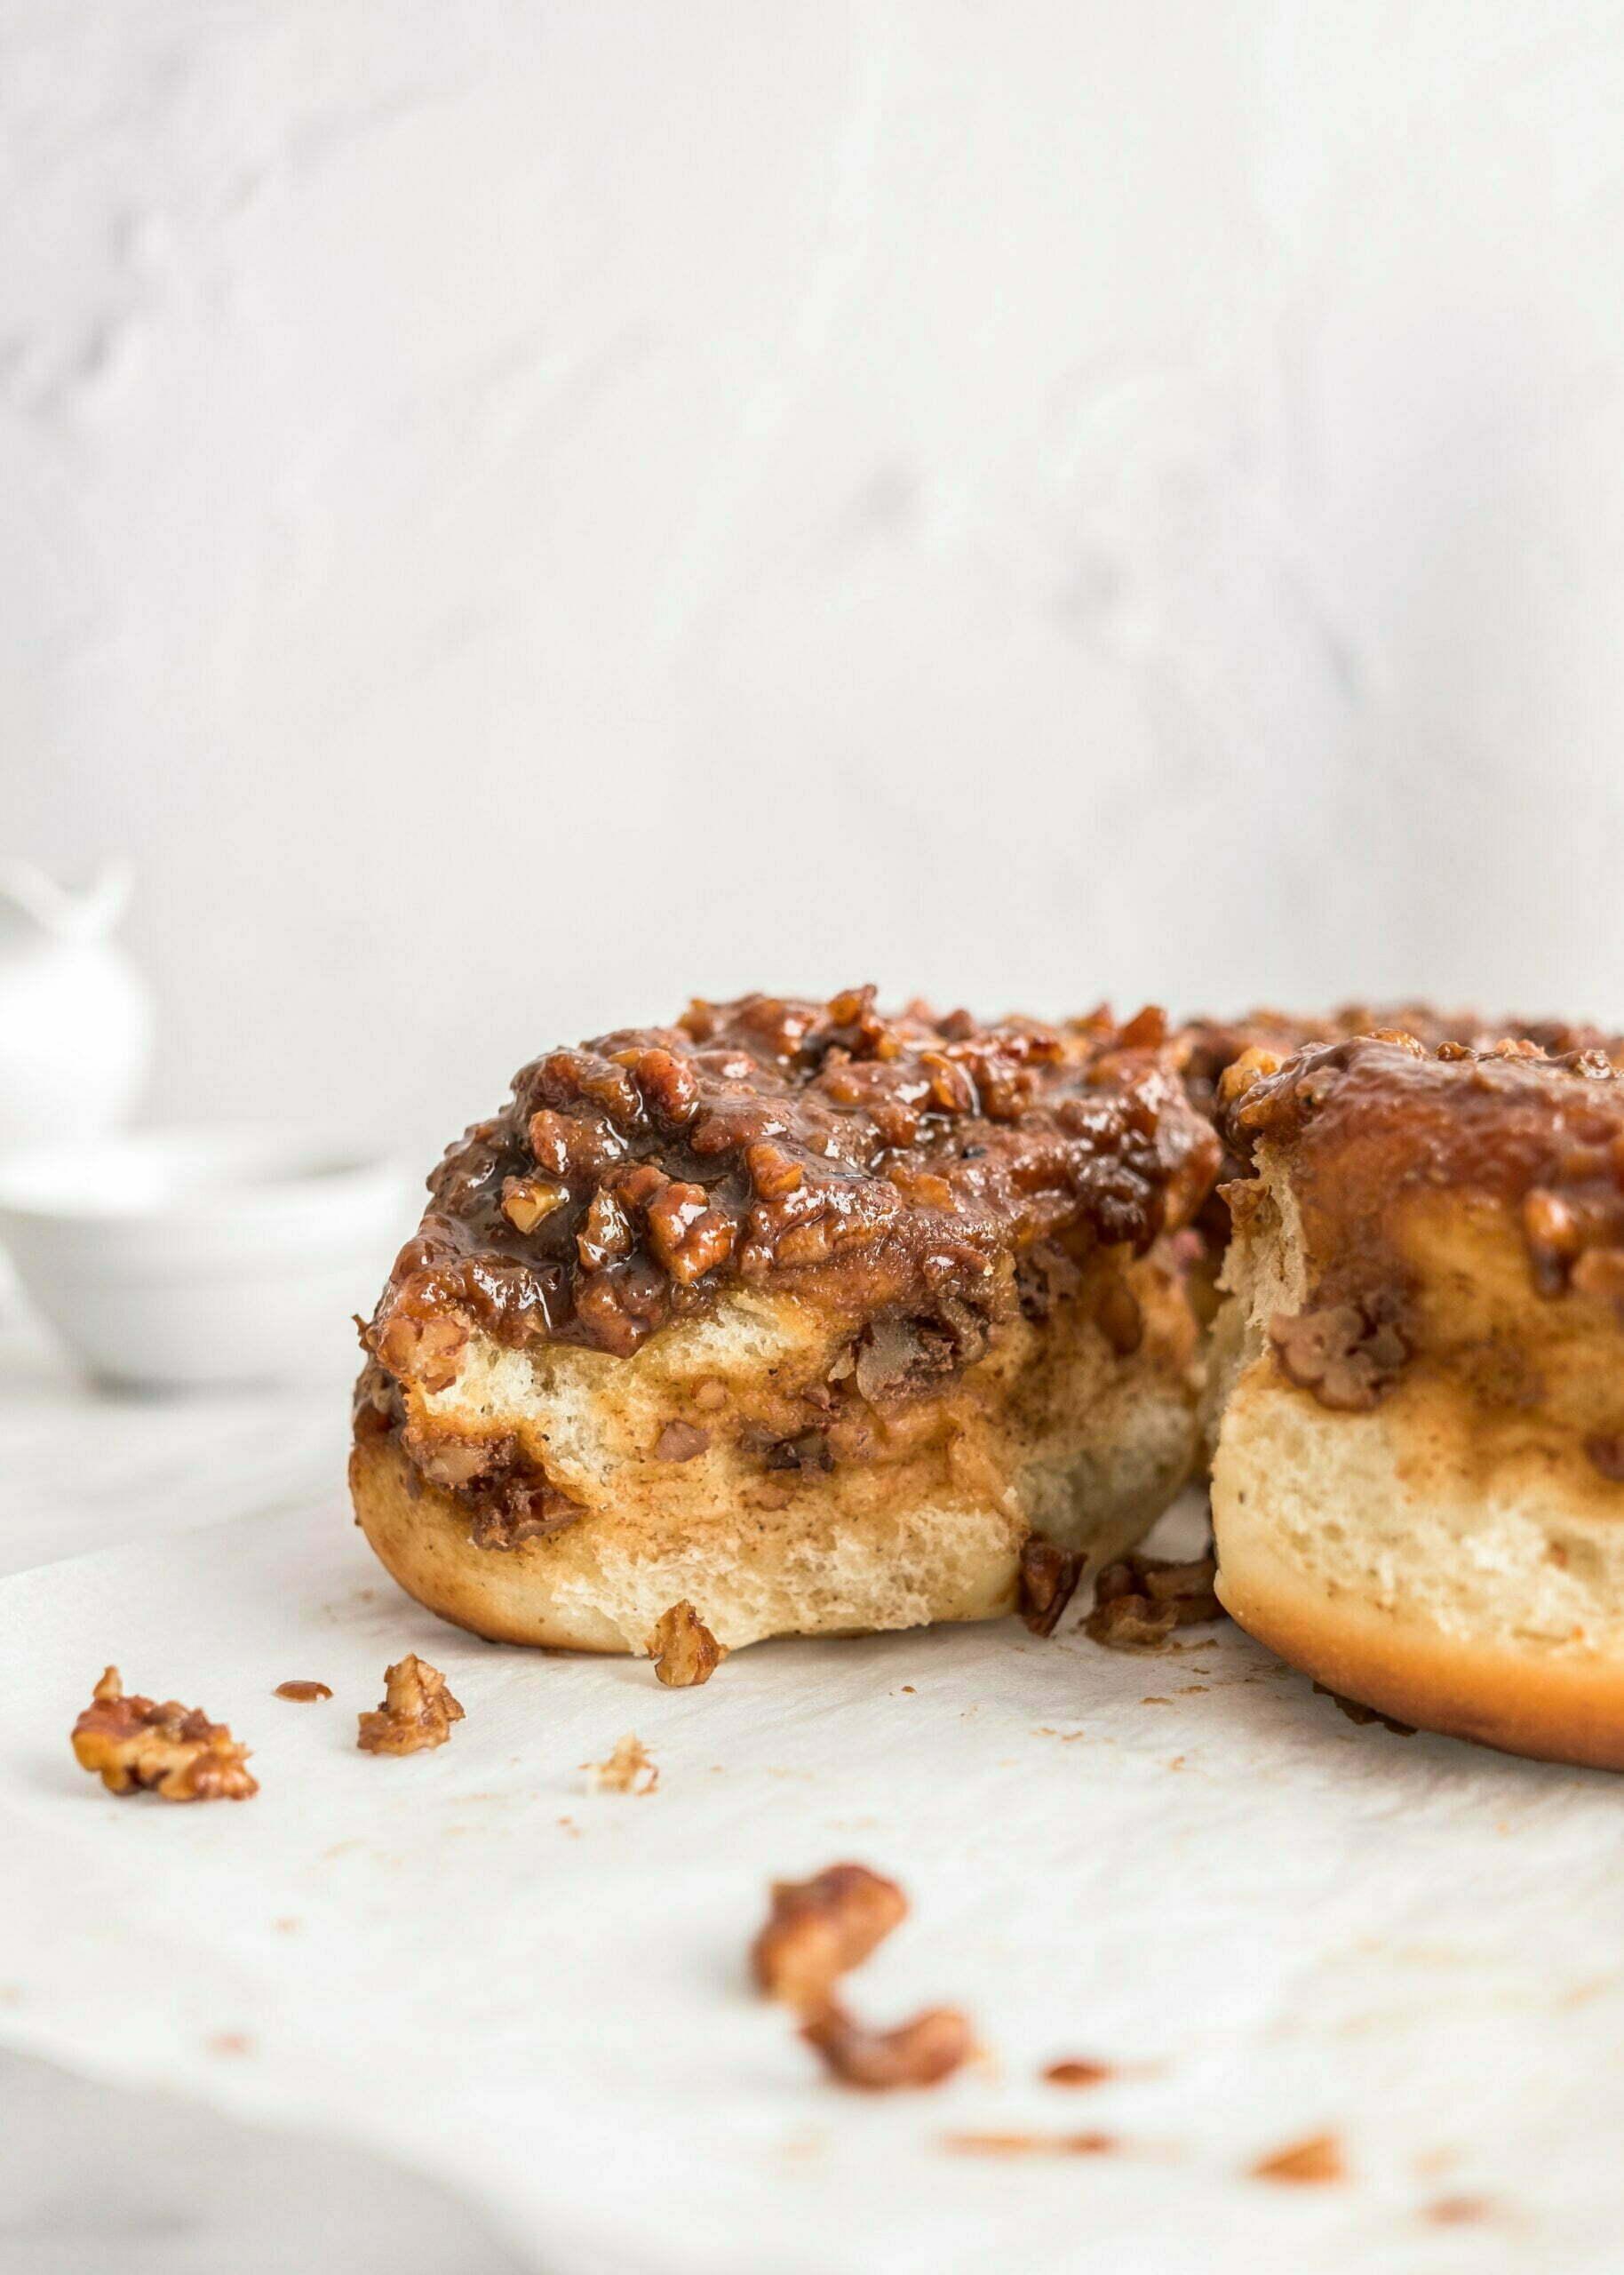 Cimetove rolice s karamelo in ameriškimi oreščki pekan